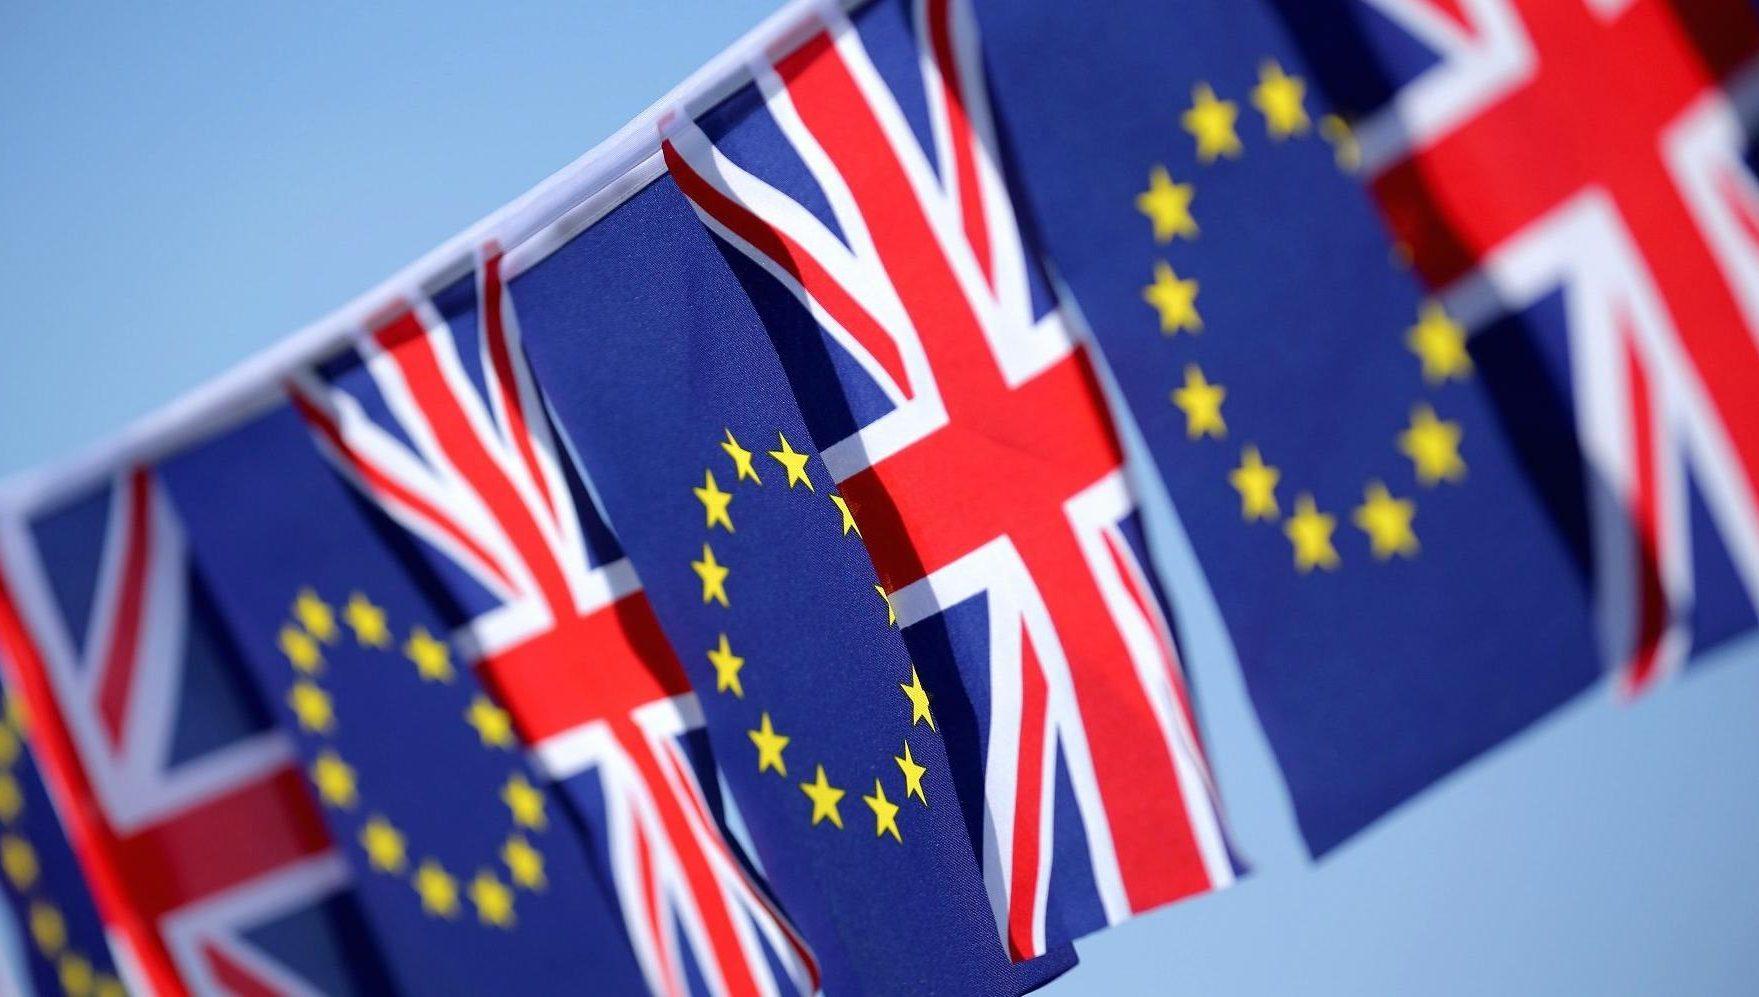 Veste bună pentru moldoveni! Cetățenii UE vor circula liber în Marea Britanie încă 2 ani după Brexit